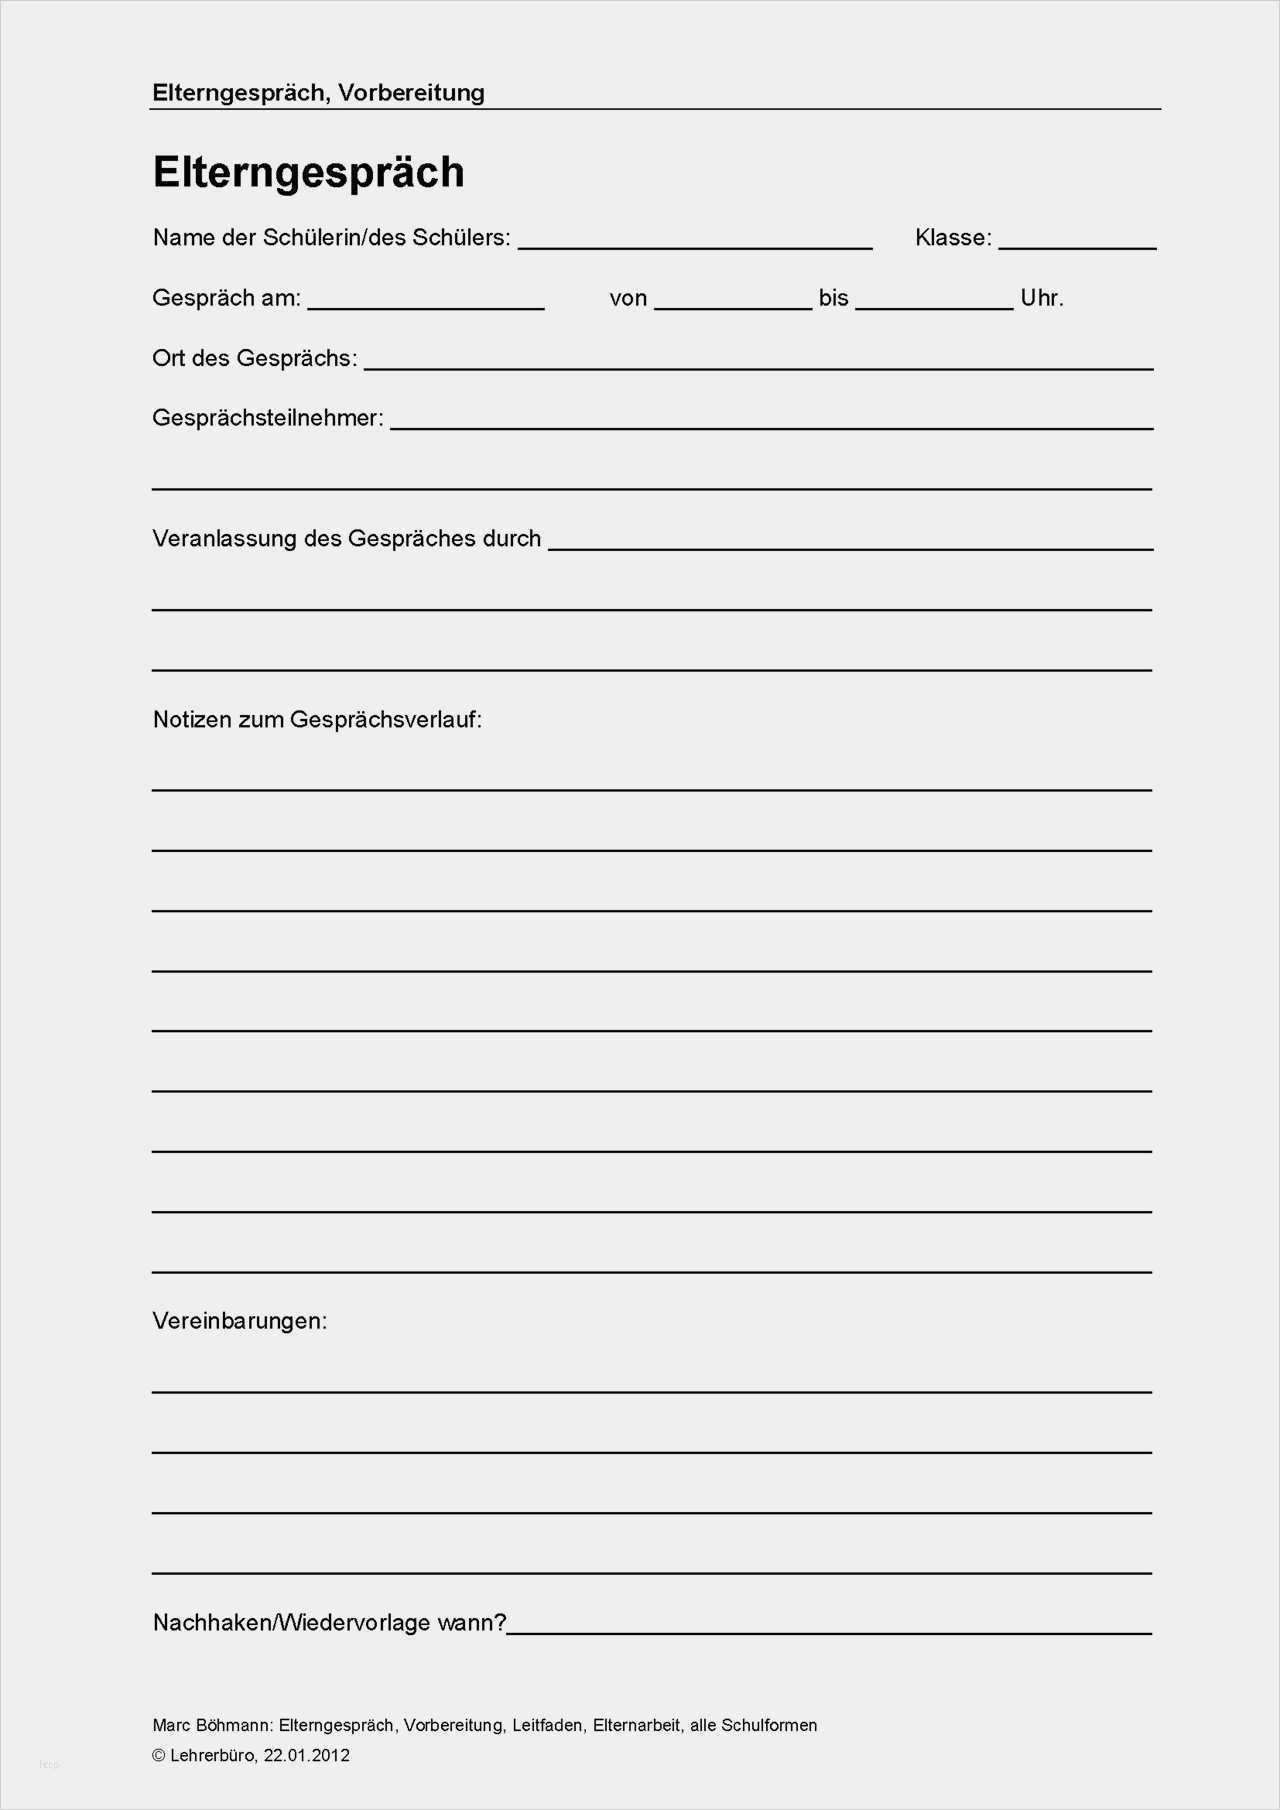 35 Schonste Elterngesprach Kita Vorlage Foto Vorlagen Lebenslauf Vorlagen Word Flyer Vorlage